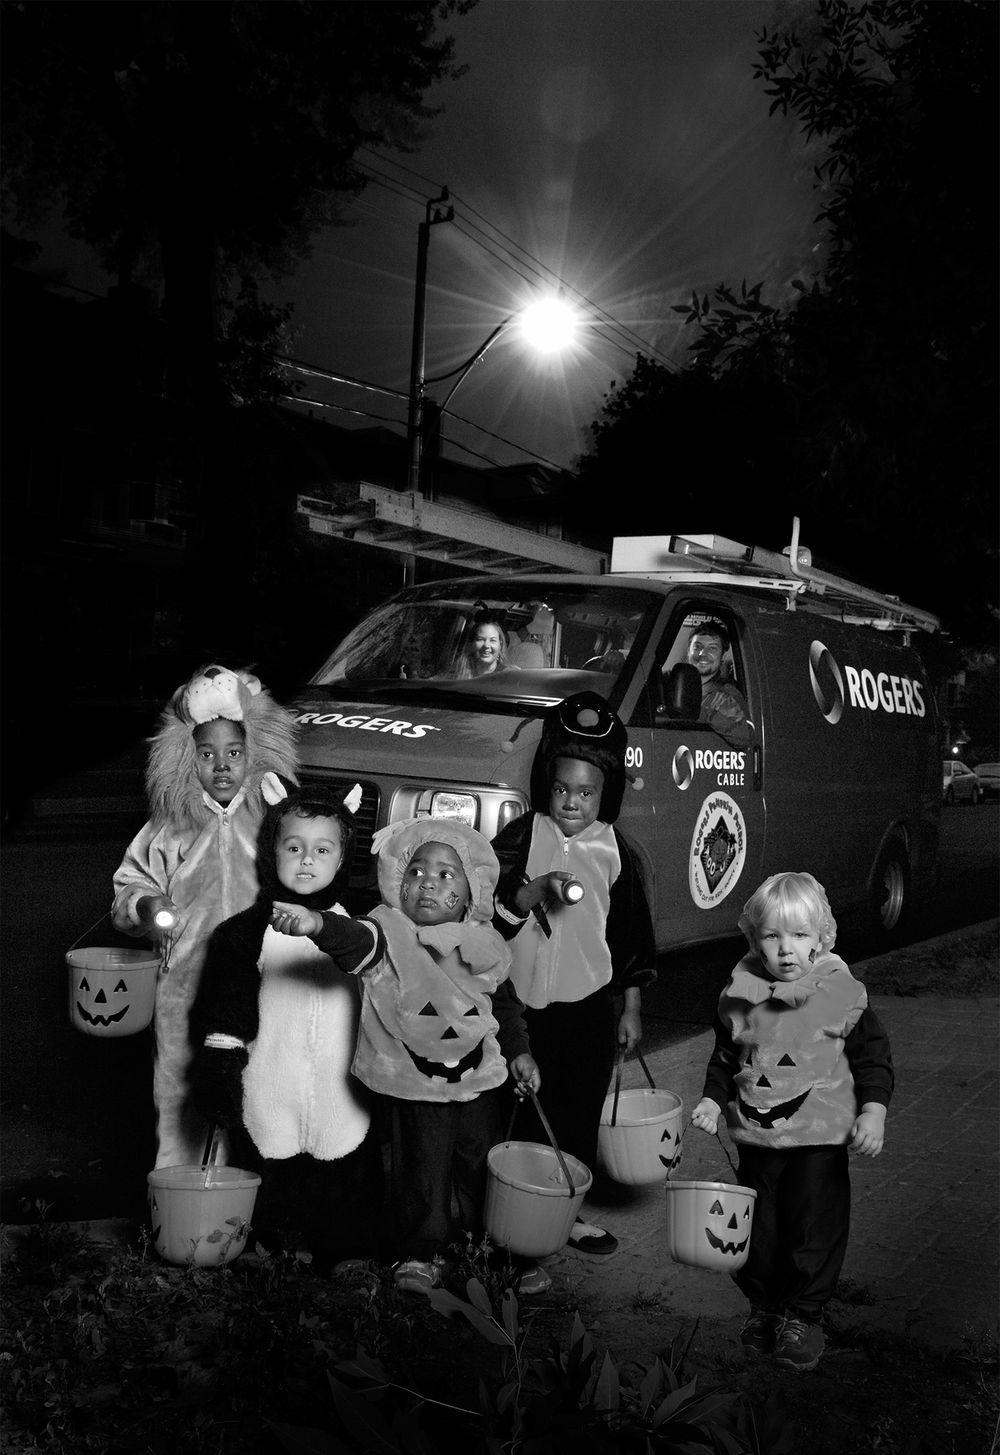 rogers-pumpkin-patrol-tbt.jpg